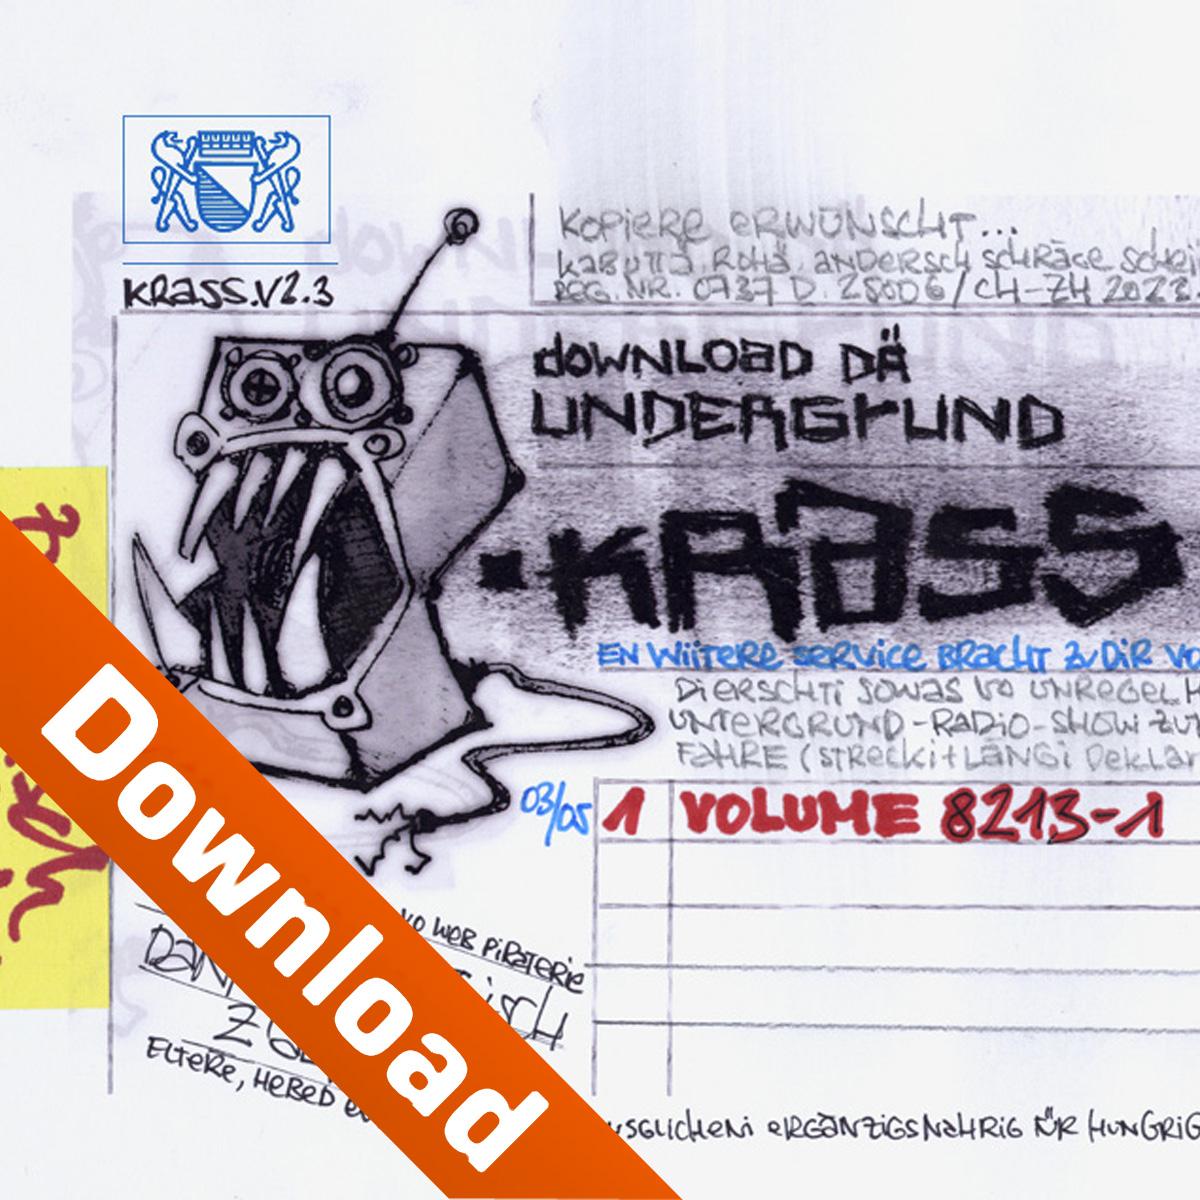 Lügner – KRASS Vol. 1 (8213-1 Zürich-Bern) Download